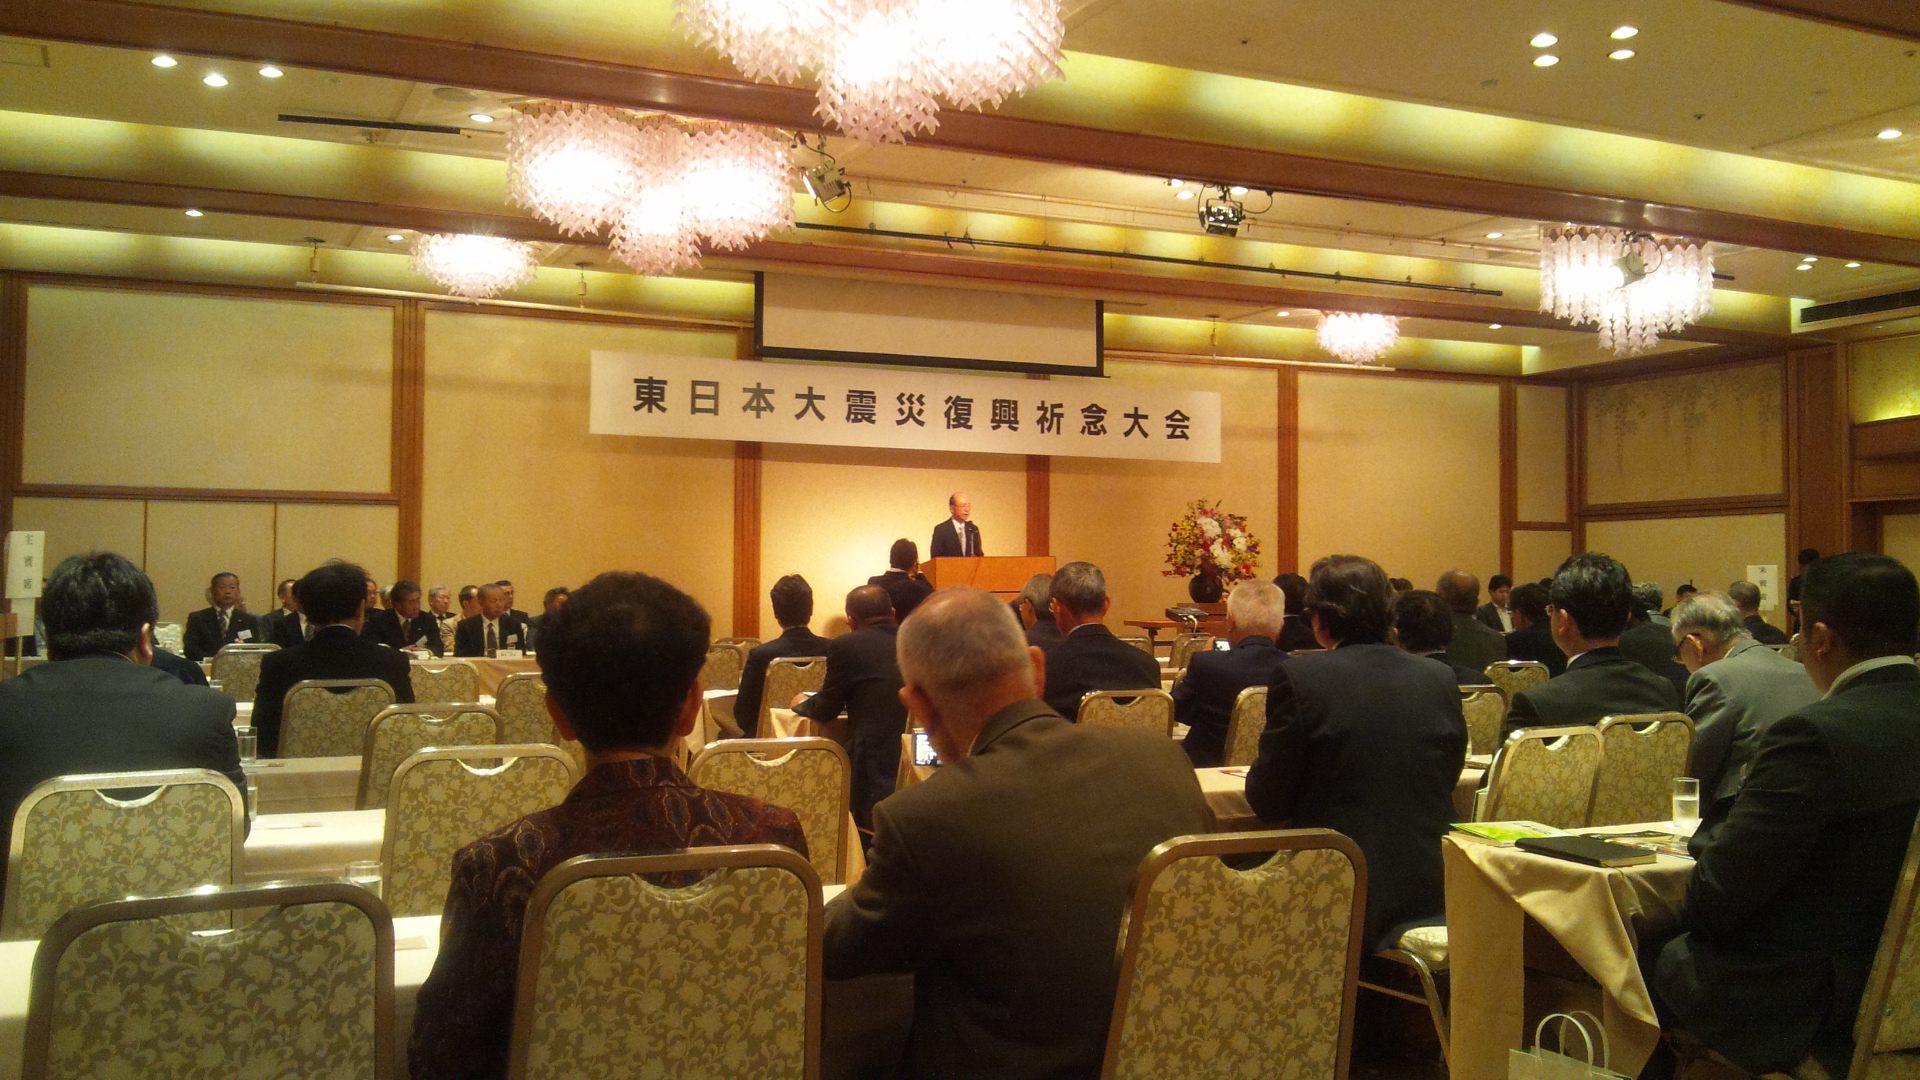 東日本大震災復興祈念大会に参加して参りました!